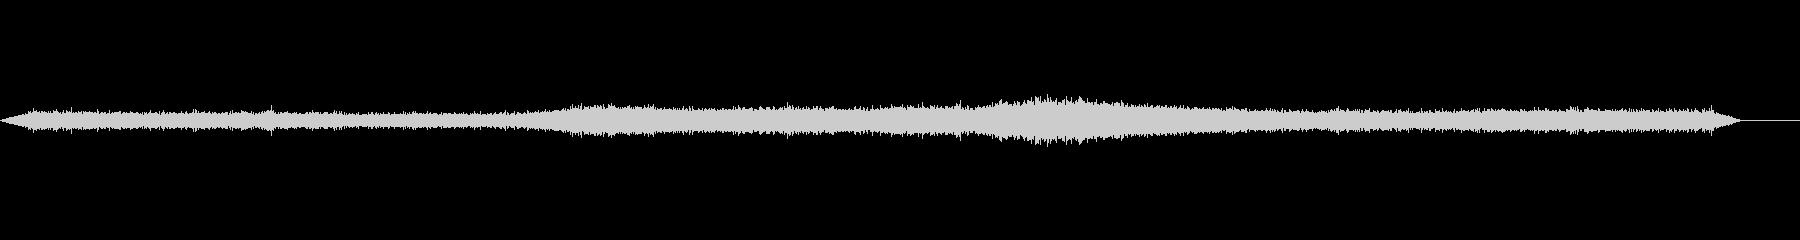 ストーンブリッジ風の未再生の波形